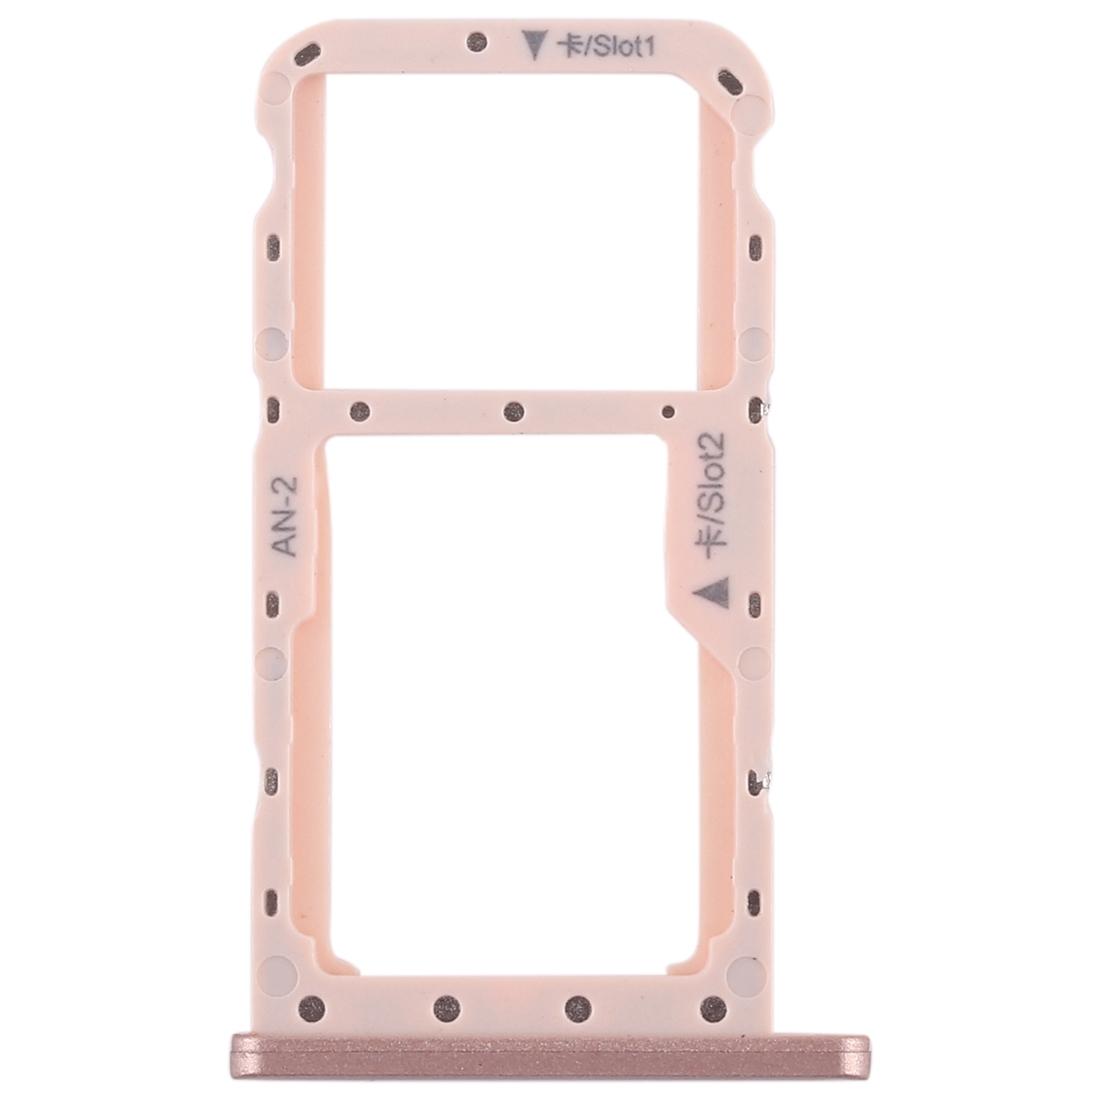 Huawei P20 Lite Sim Karte.Sim Card Tray Sim Card Tray Micro Sd Card For Huawei P20 Lite Nova 3e Pink